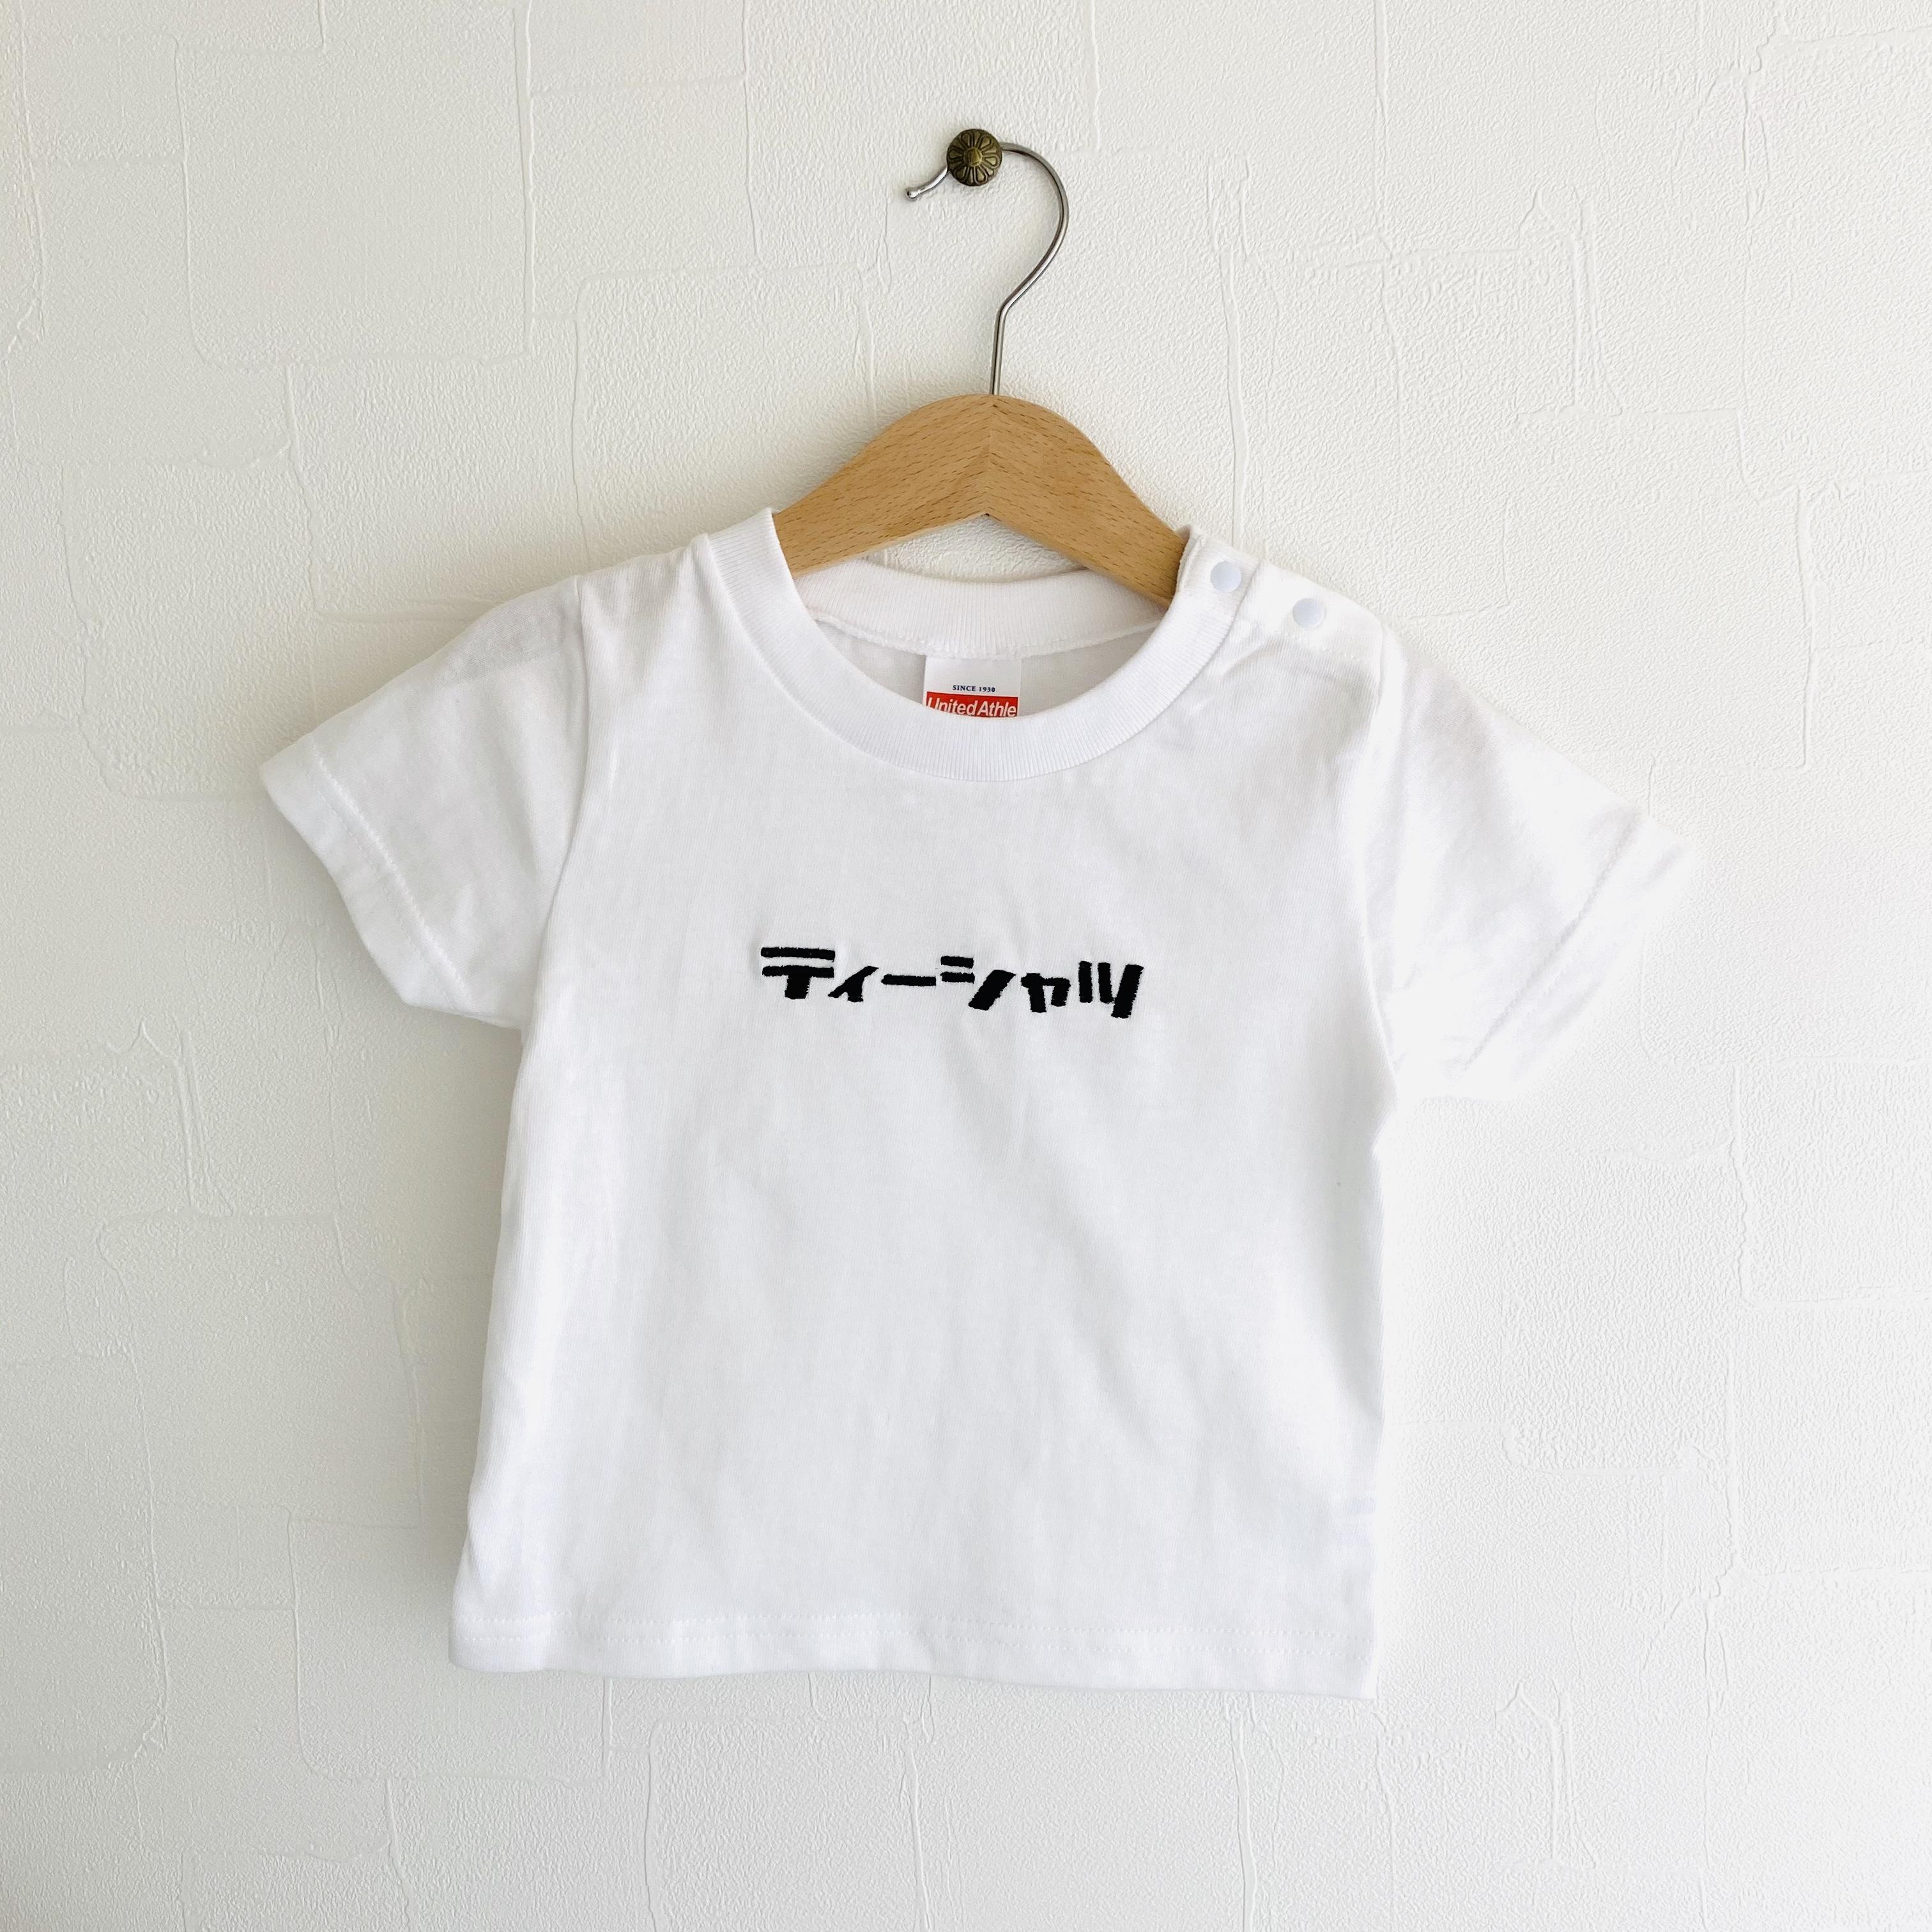 『ティーシャツ』刺繍のキッズTシャツ